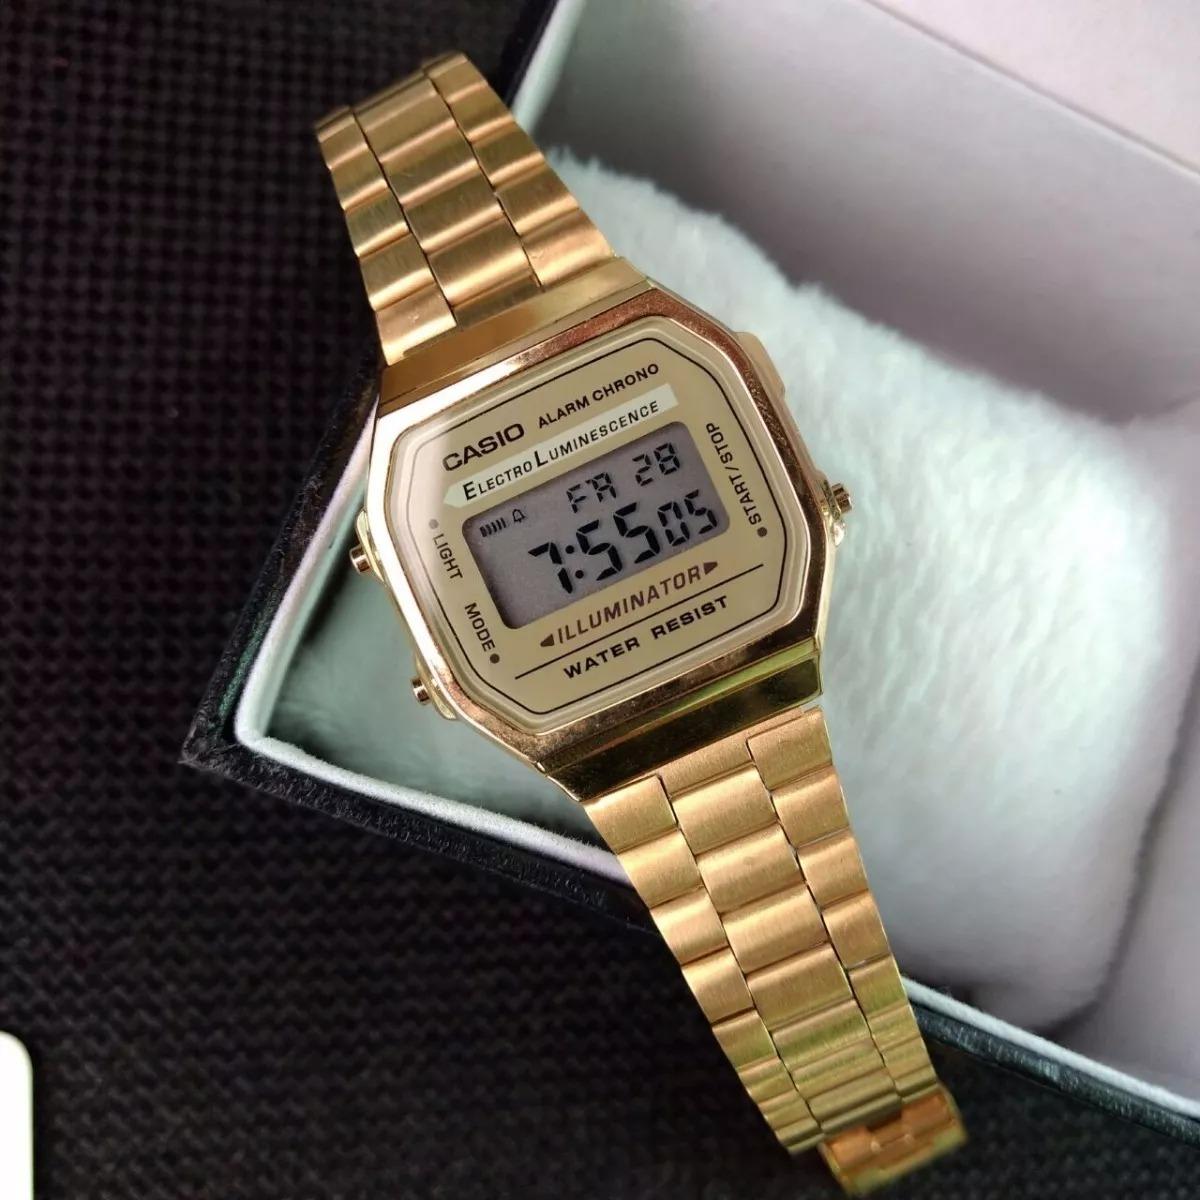 4779fa5035b relogio casio unisex a168 retrô vintage dourado a168wg-9wdf. Carregando zoom .